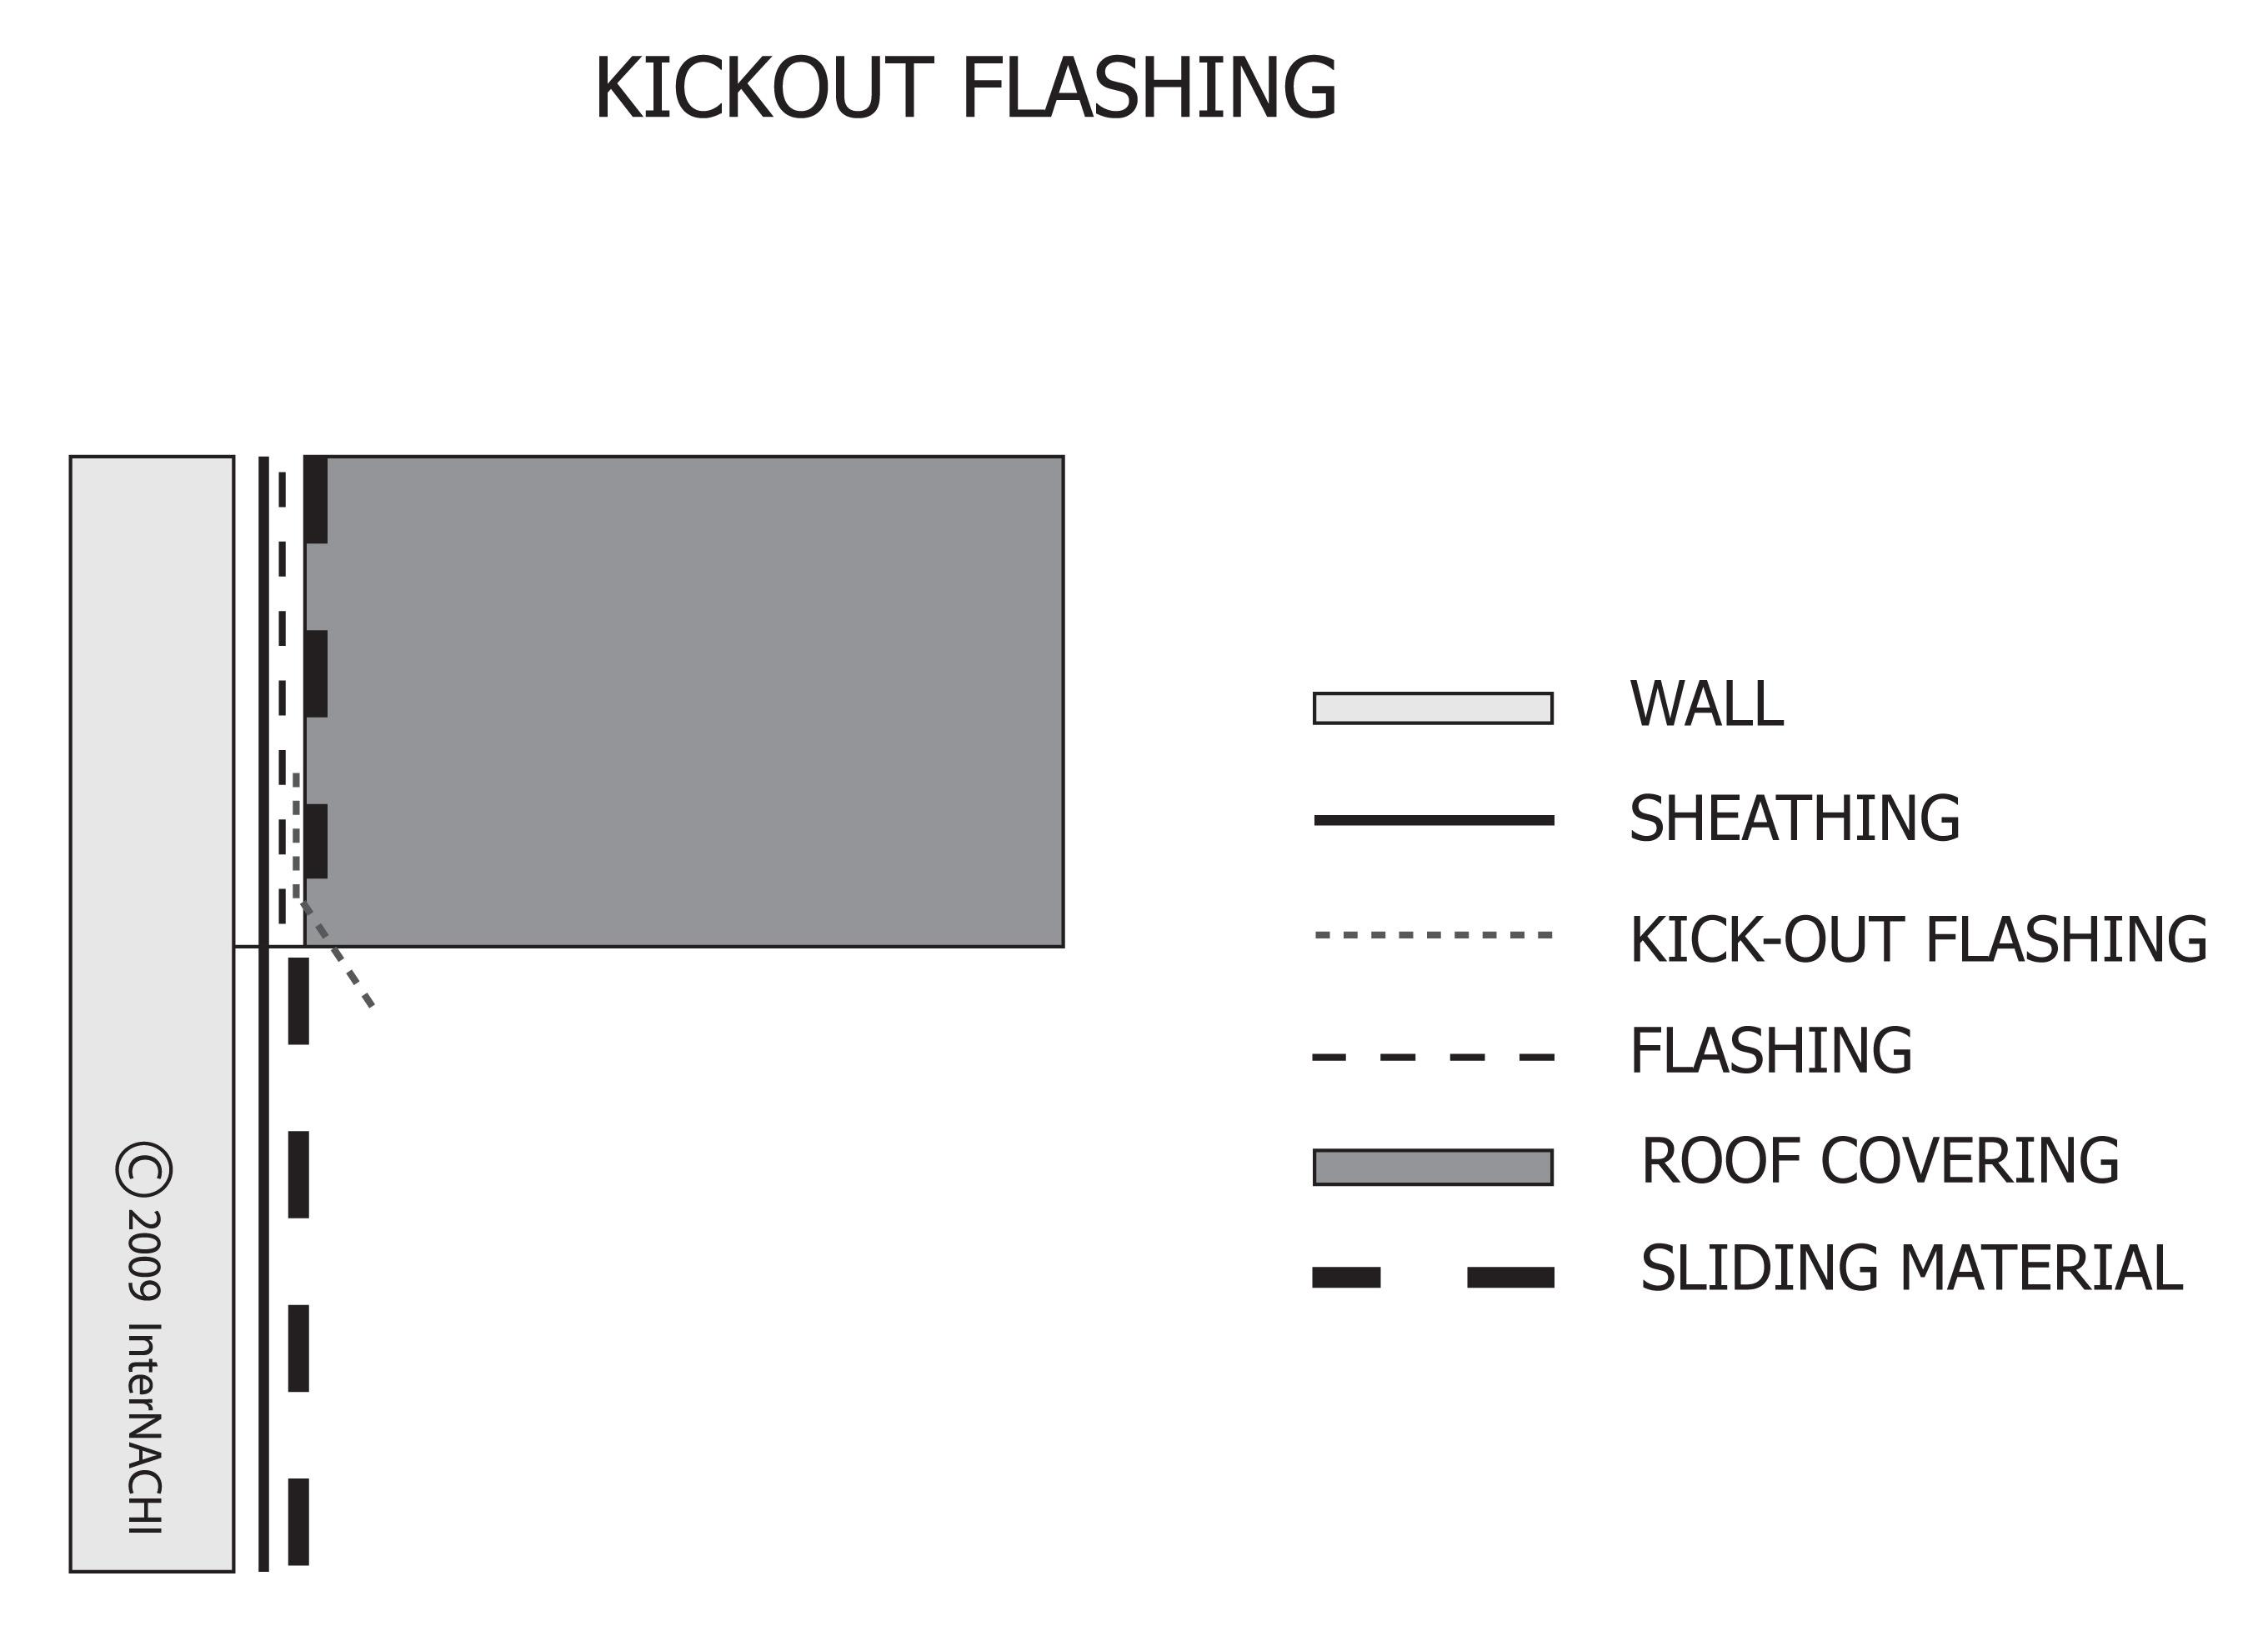 Kickout flashing.